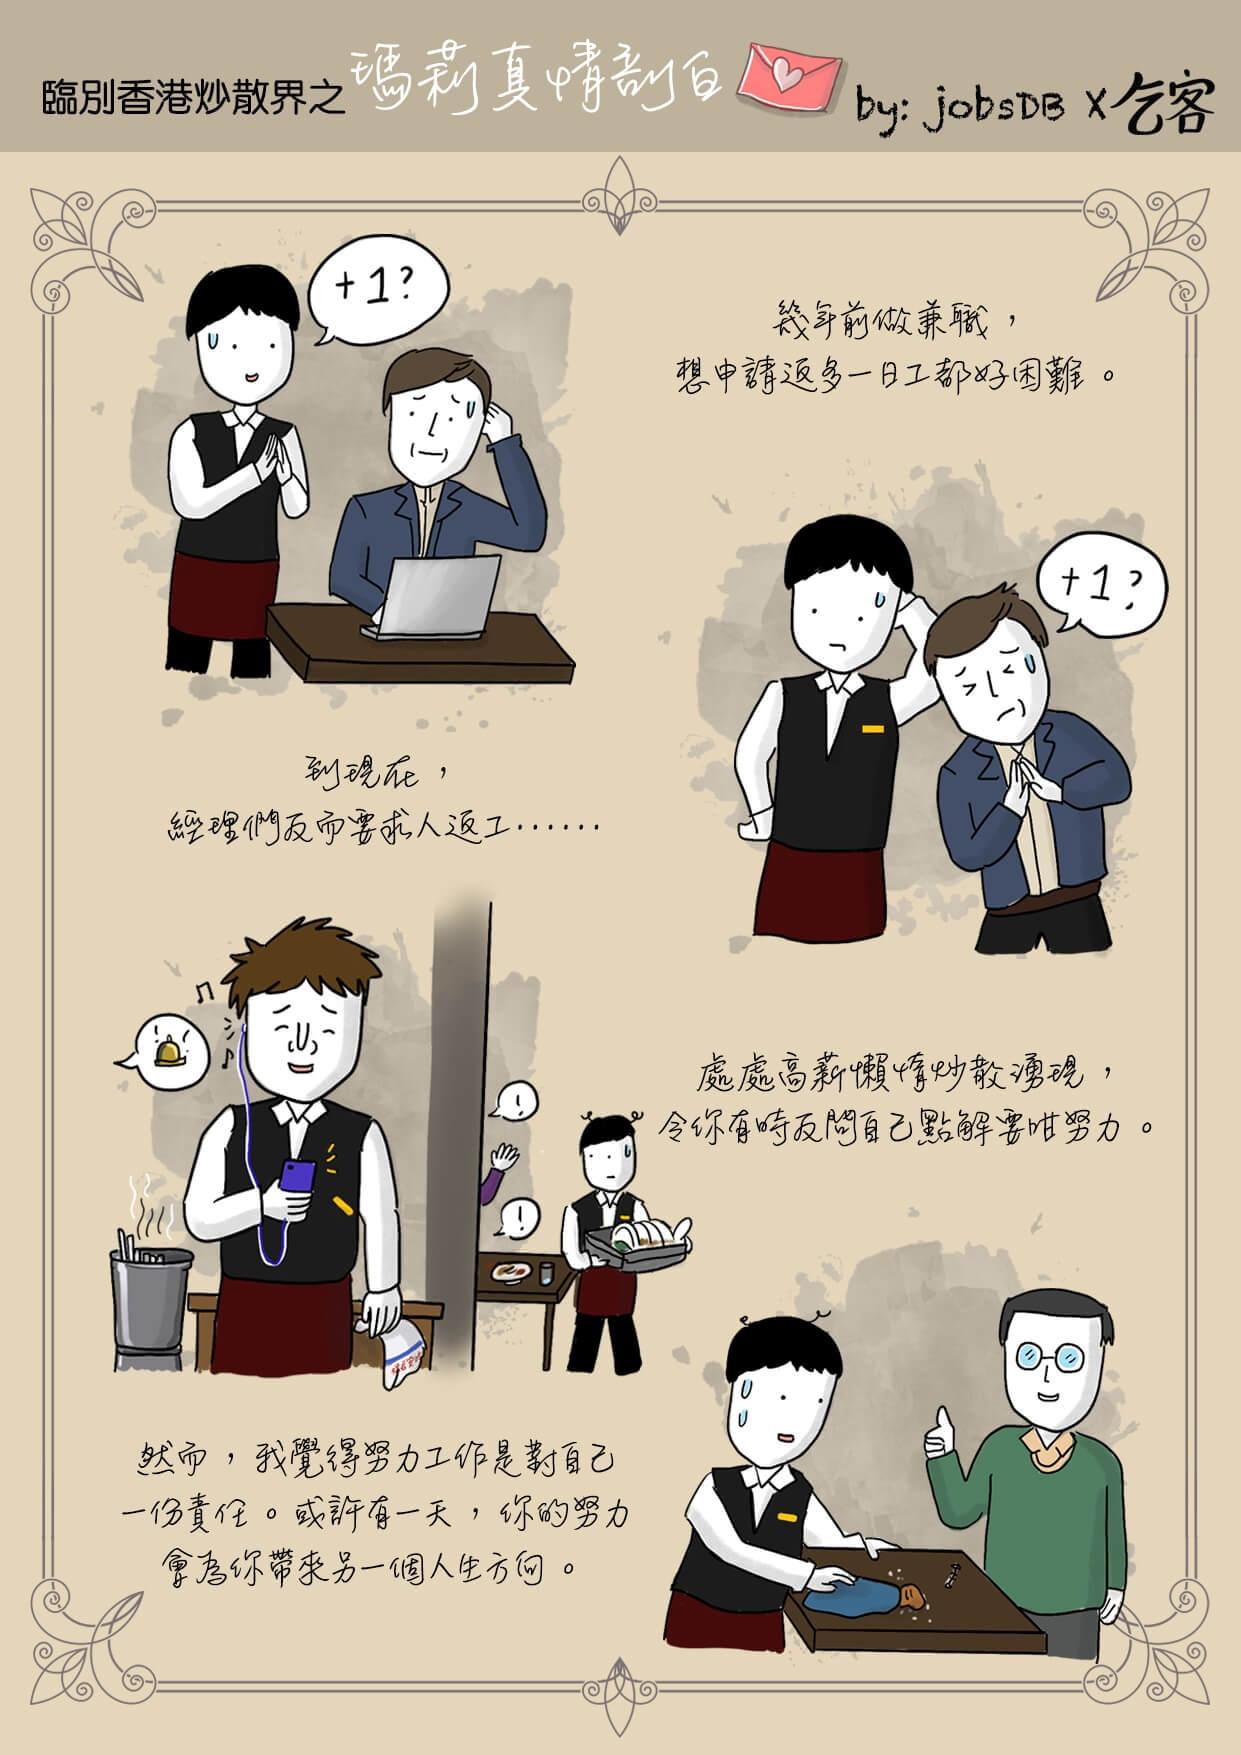 臨別香港炒散界之瑪莉真情剖白